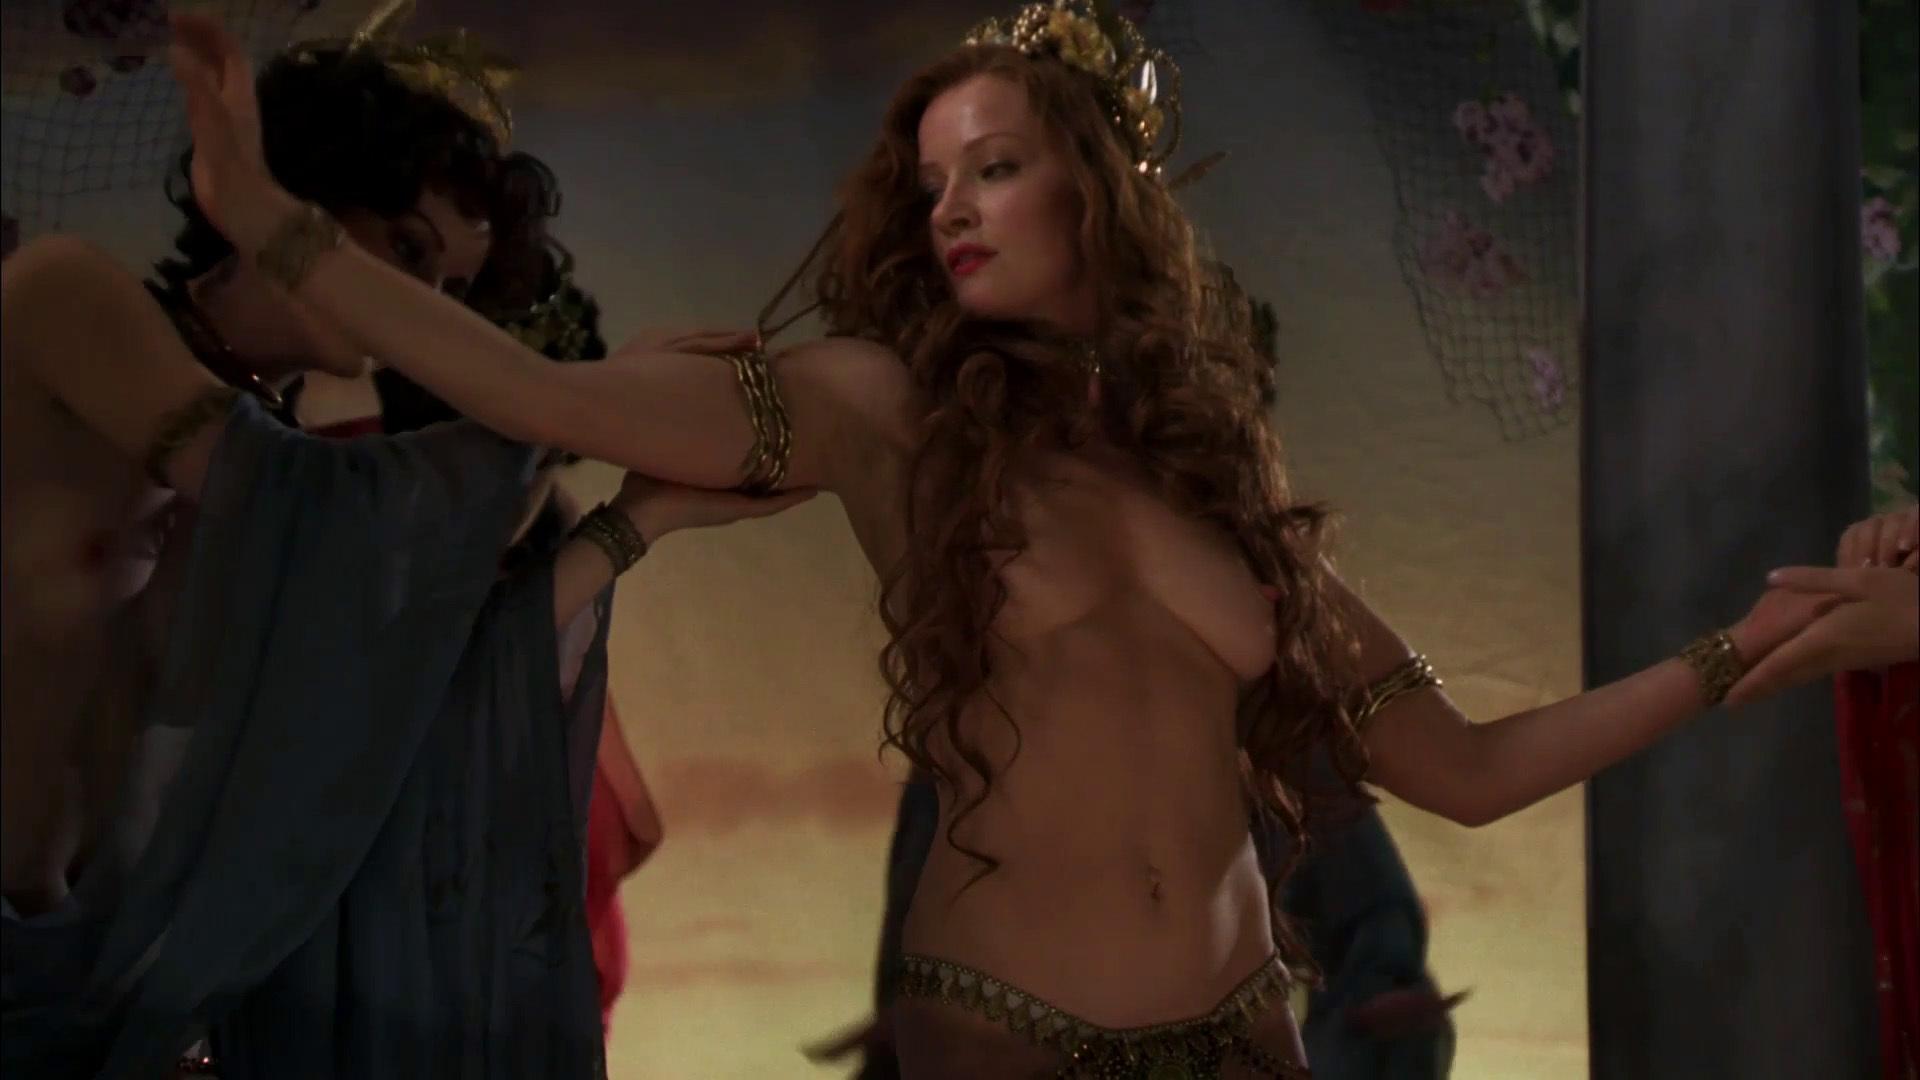 Gretchen Mol - Boardwalk Empire S01E04-05 HD 1080p 03.jpg